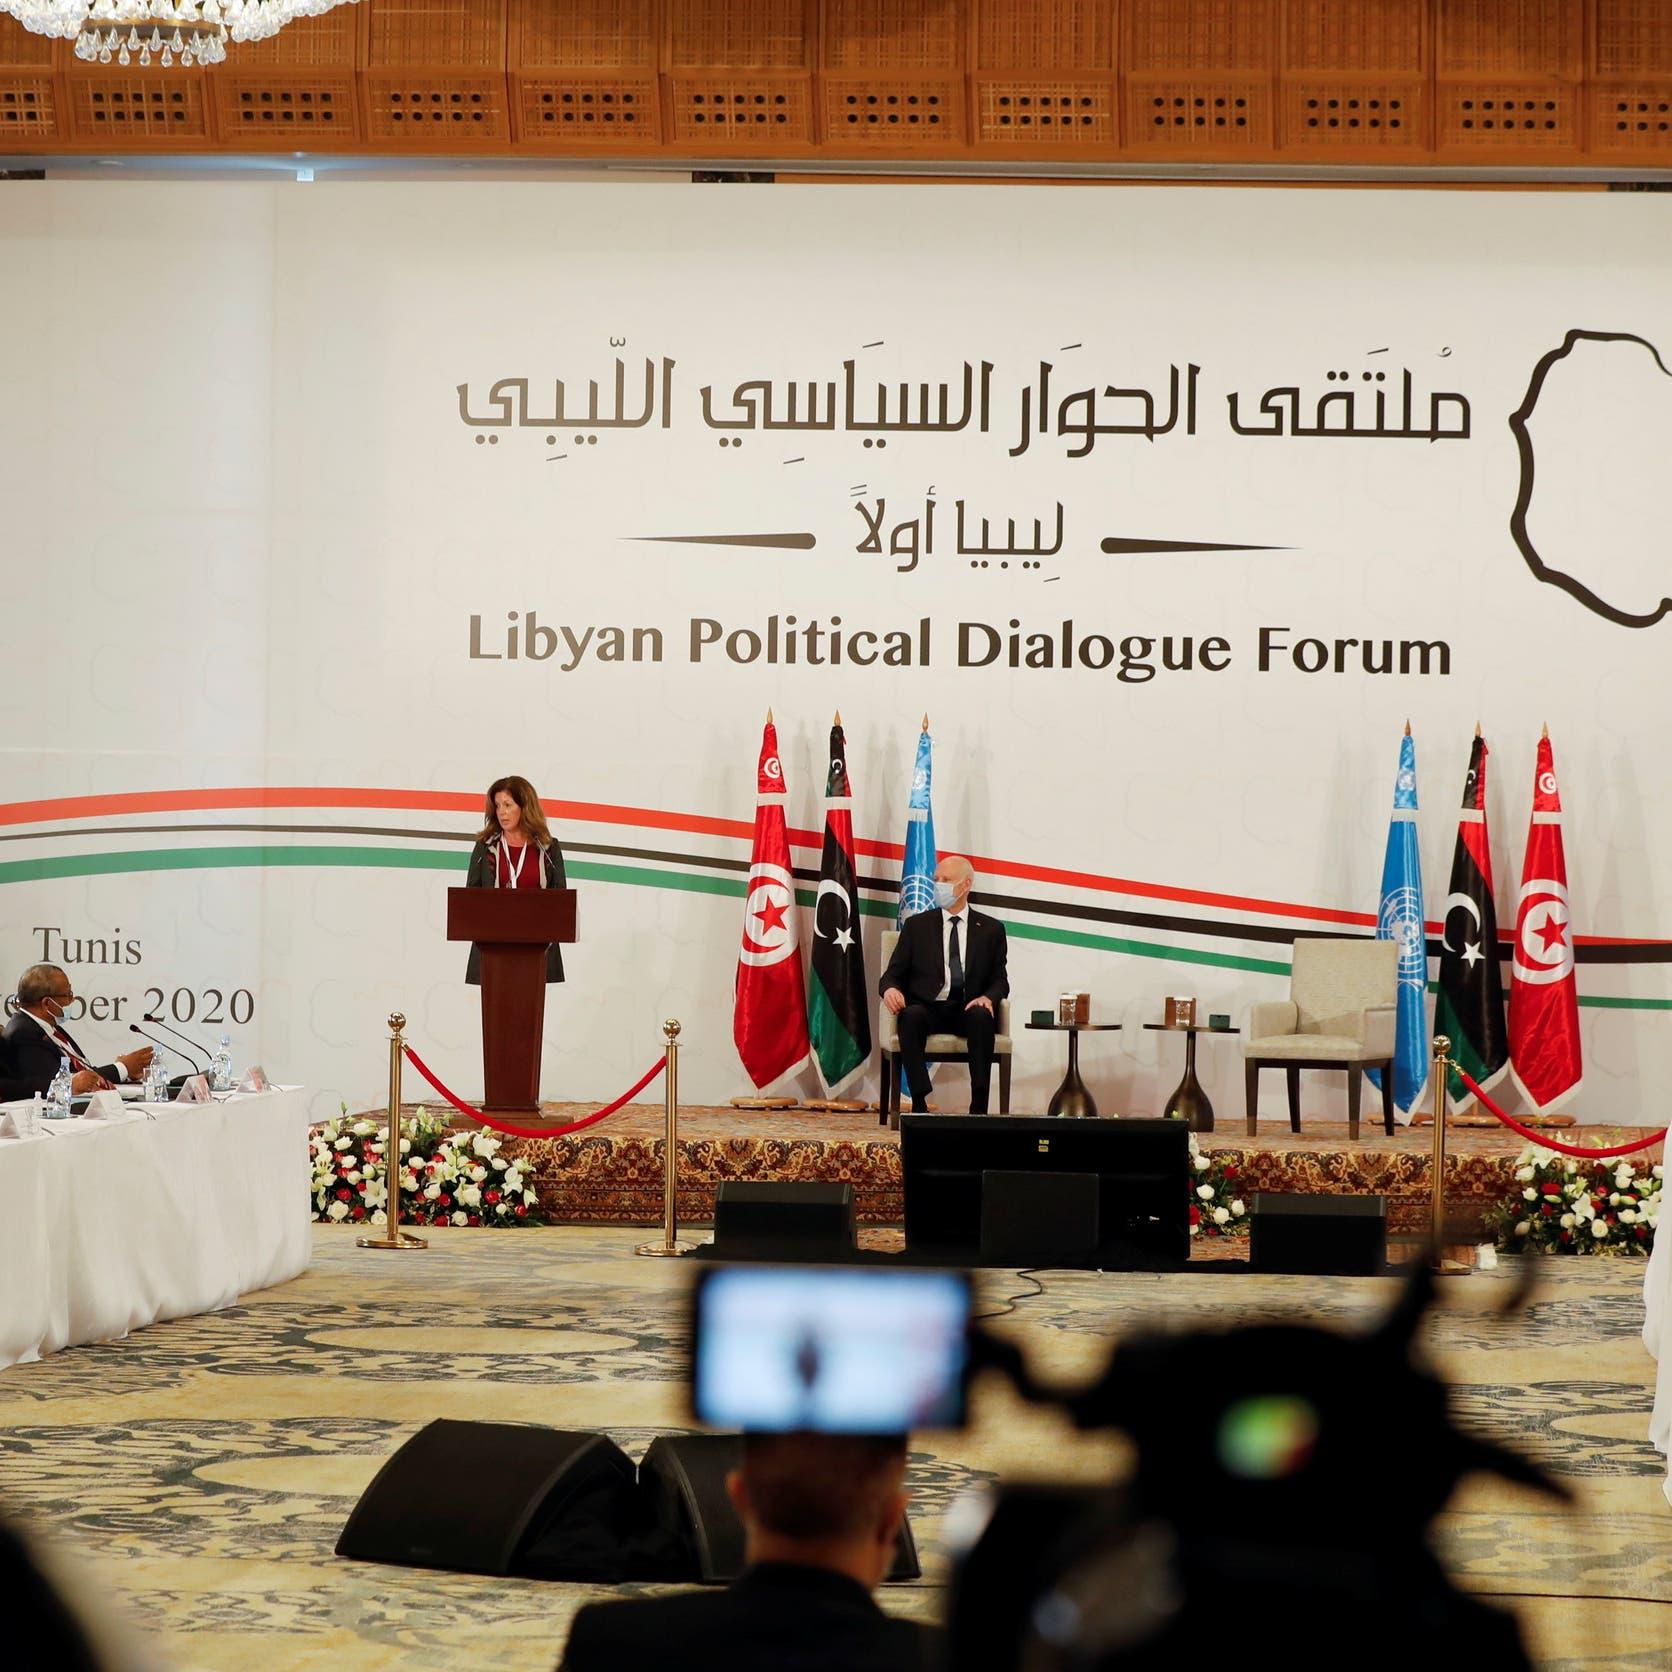 مسودة الحوار الليبي.. دعوة لانتخابات وعودة آمنة للنازحين